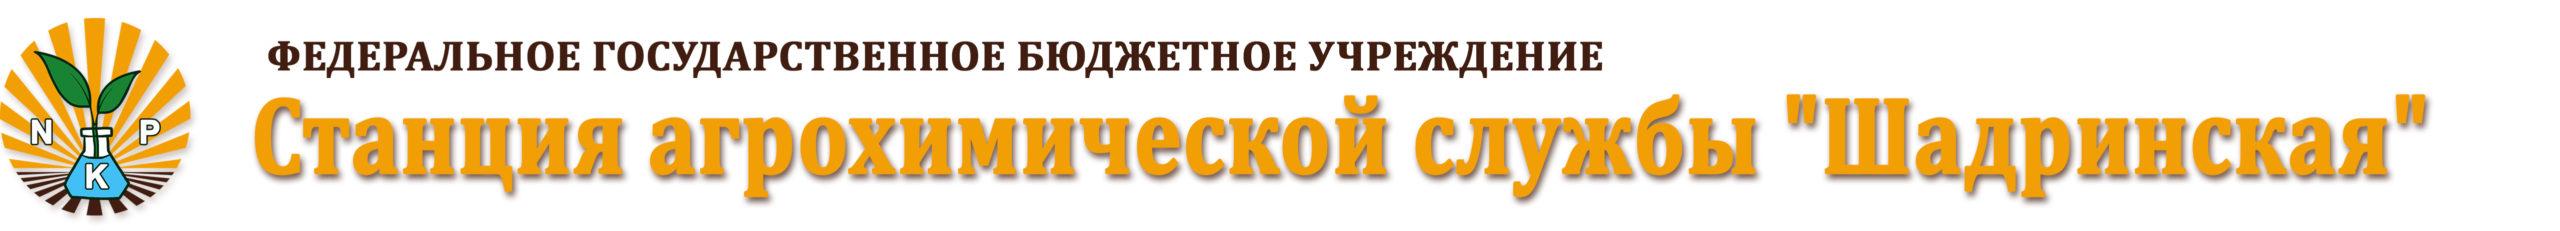 """Станция агрохимической службы """"Шадринская"""""""